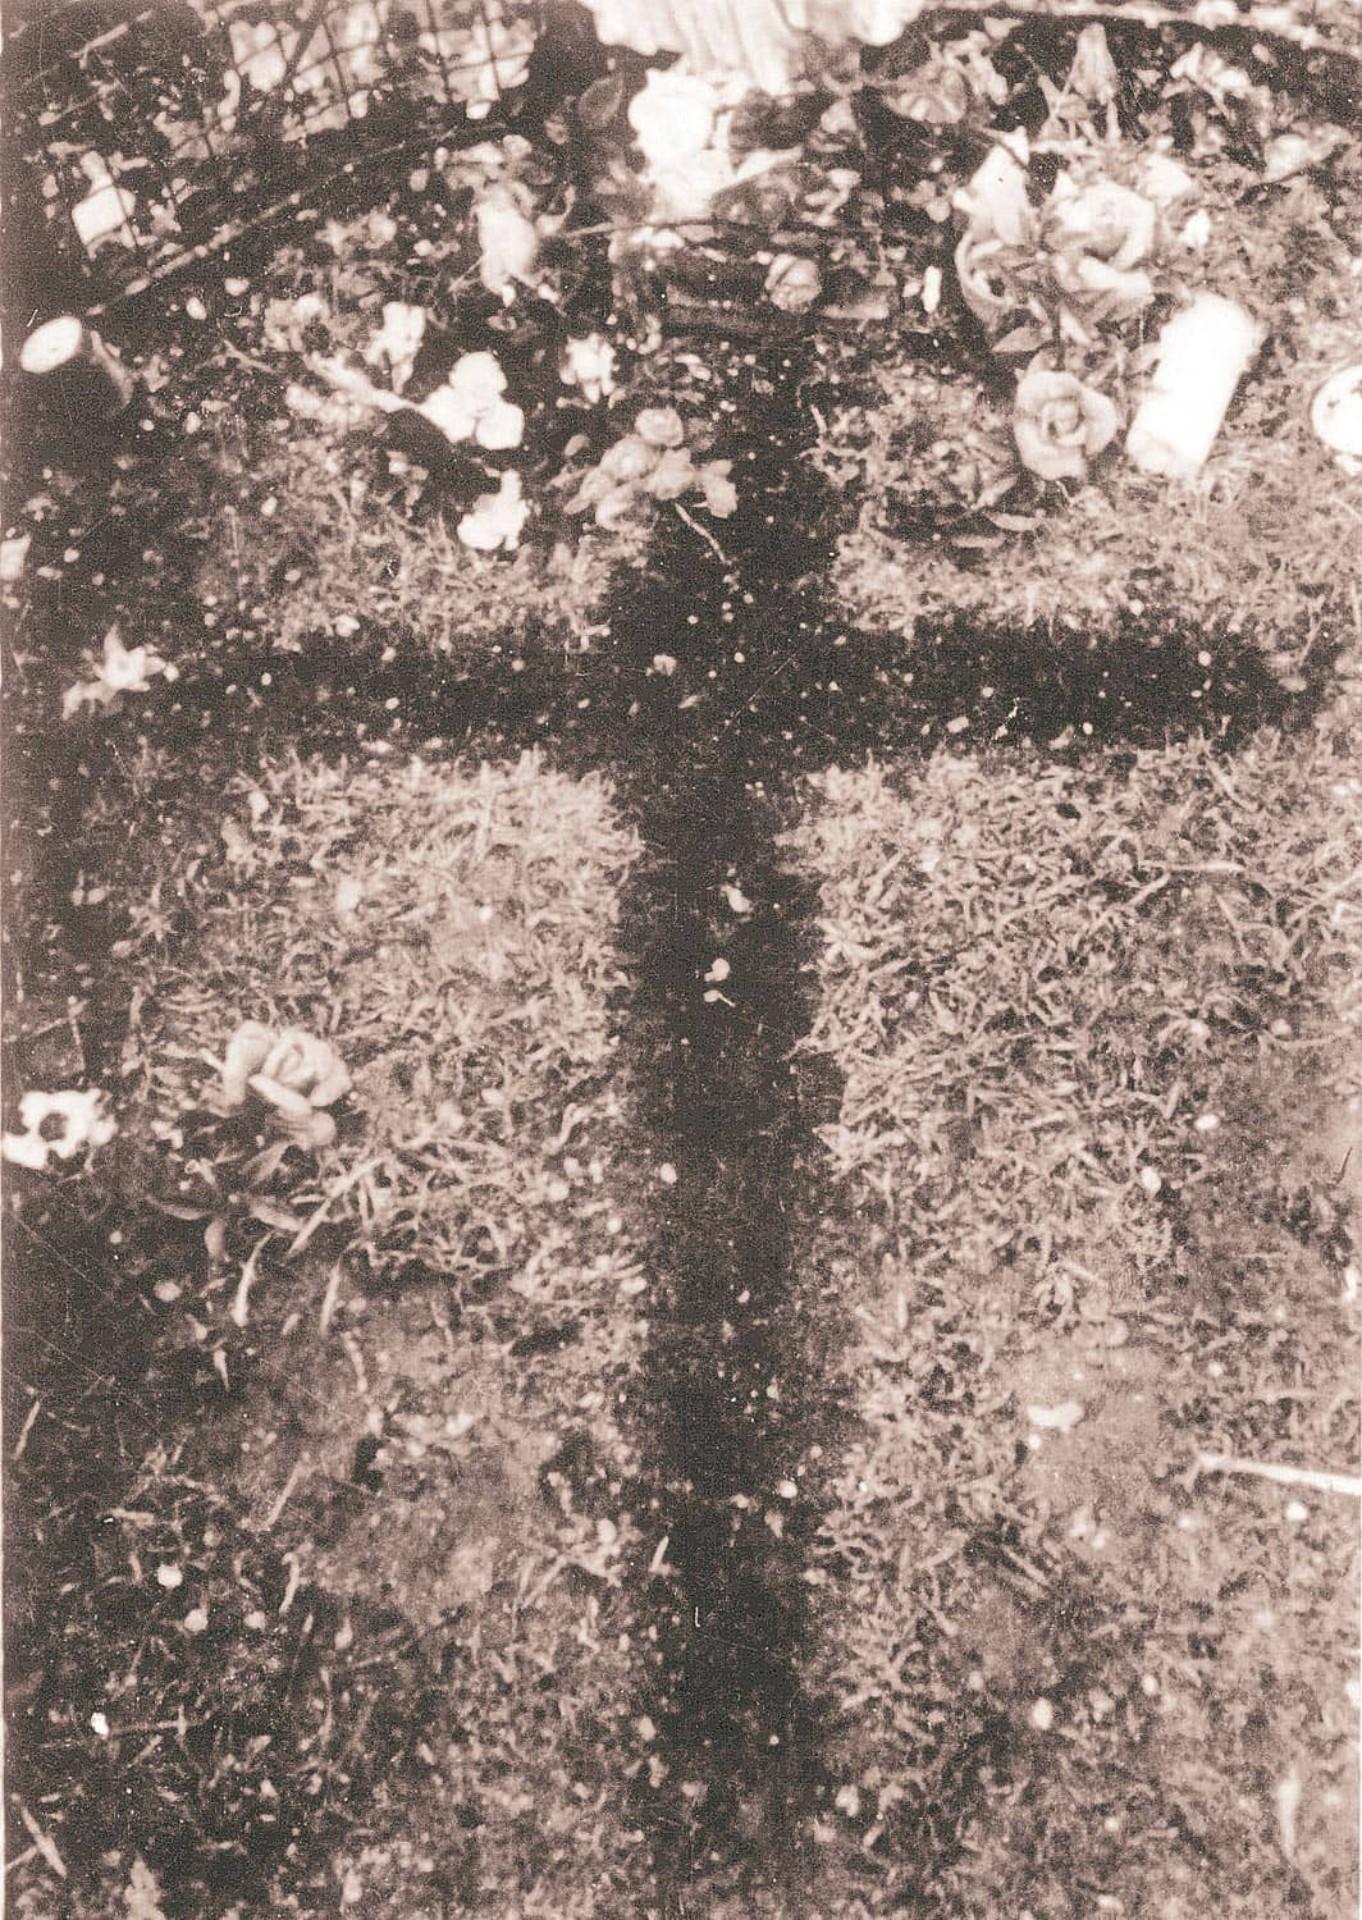 rasenkreuz_1956